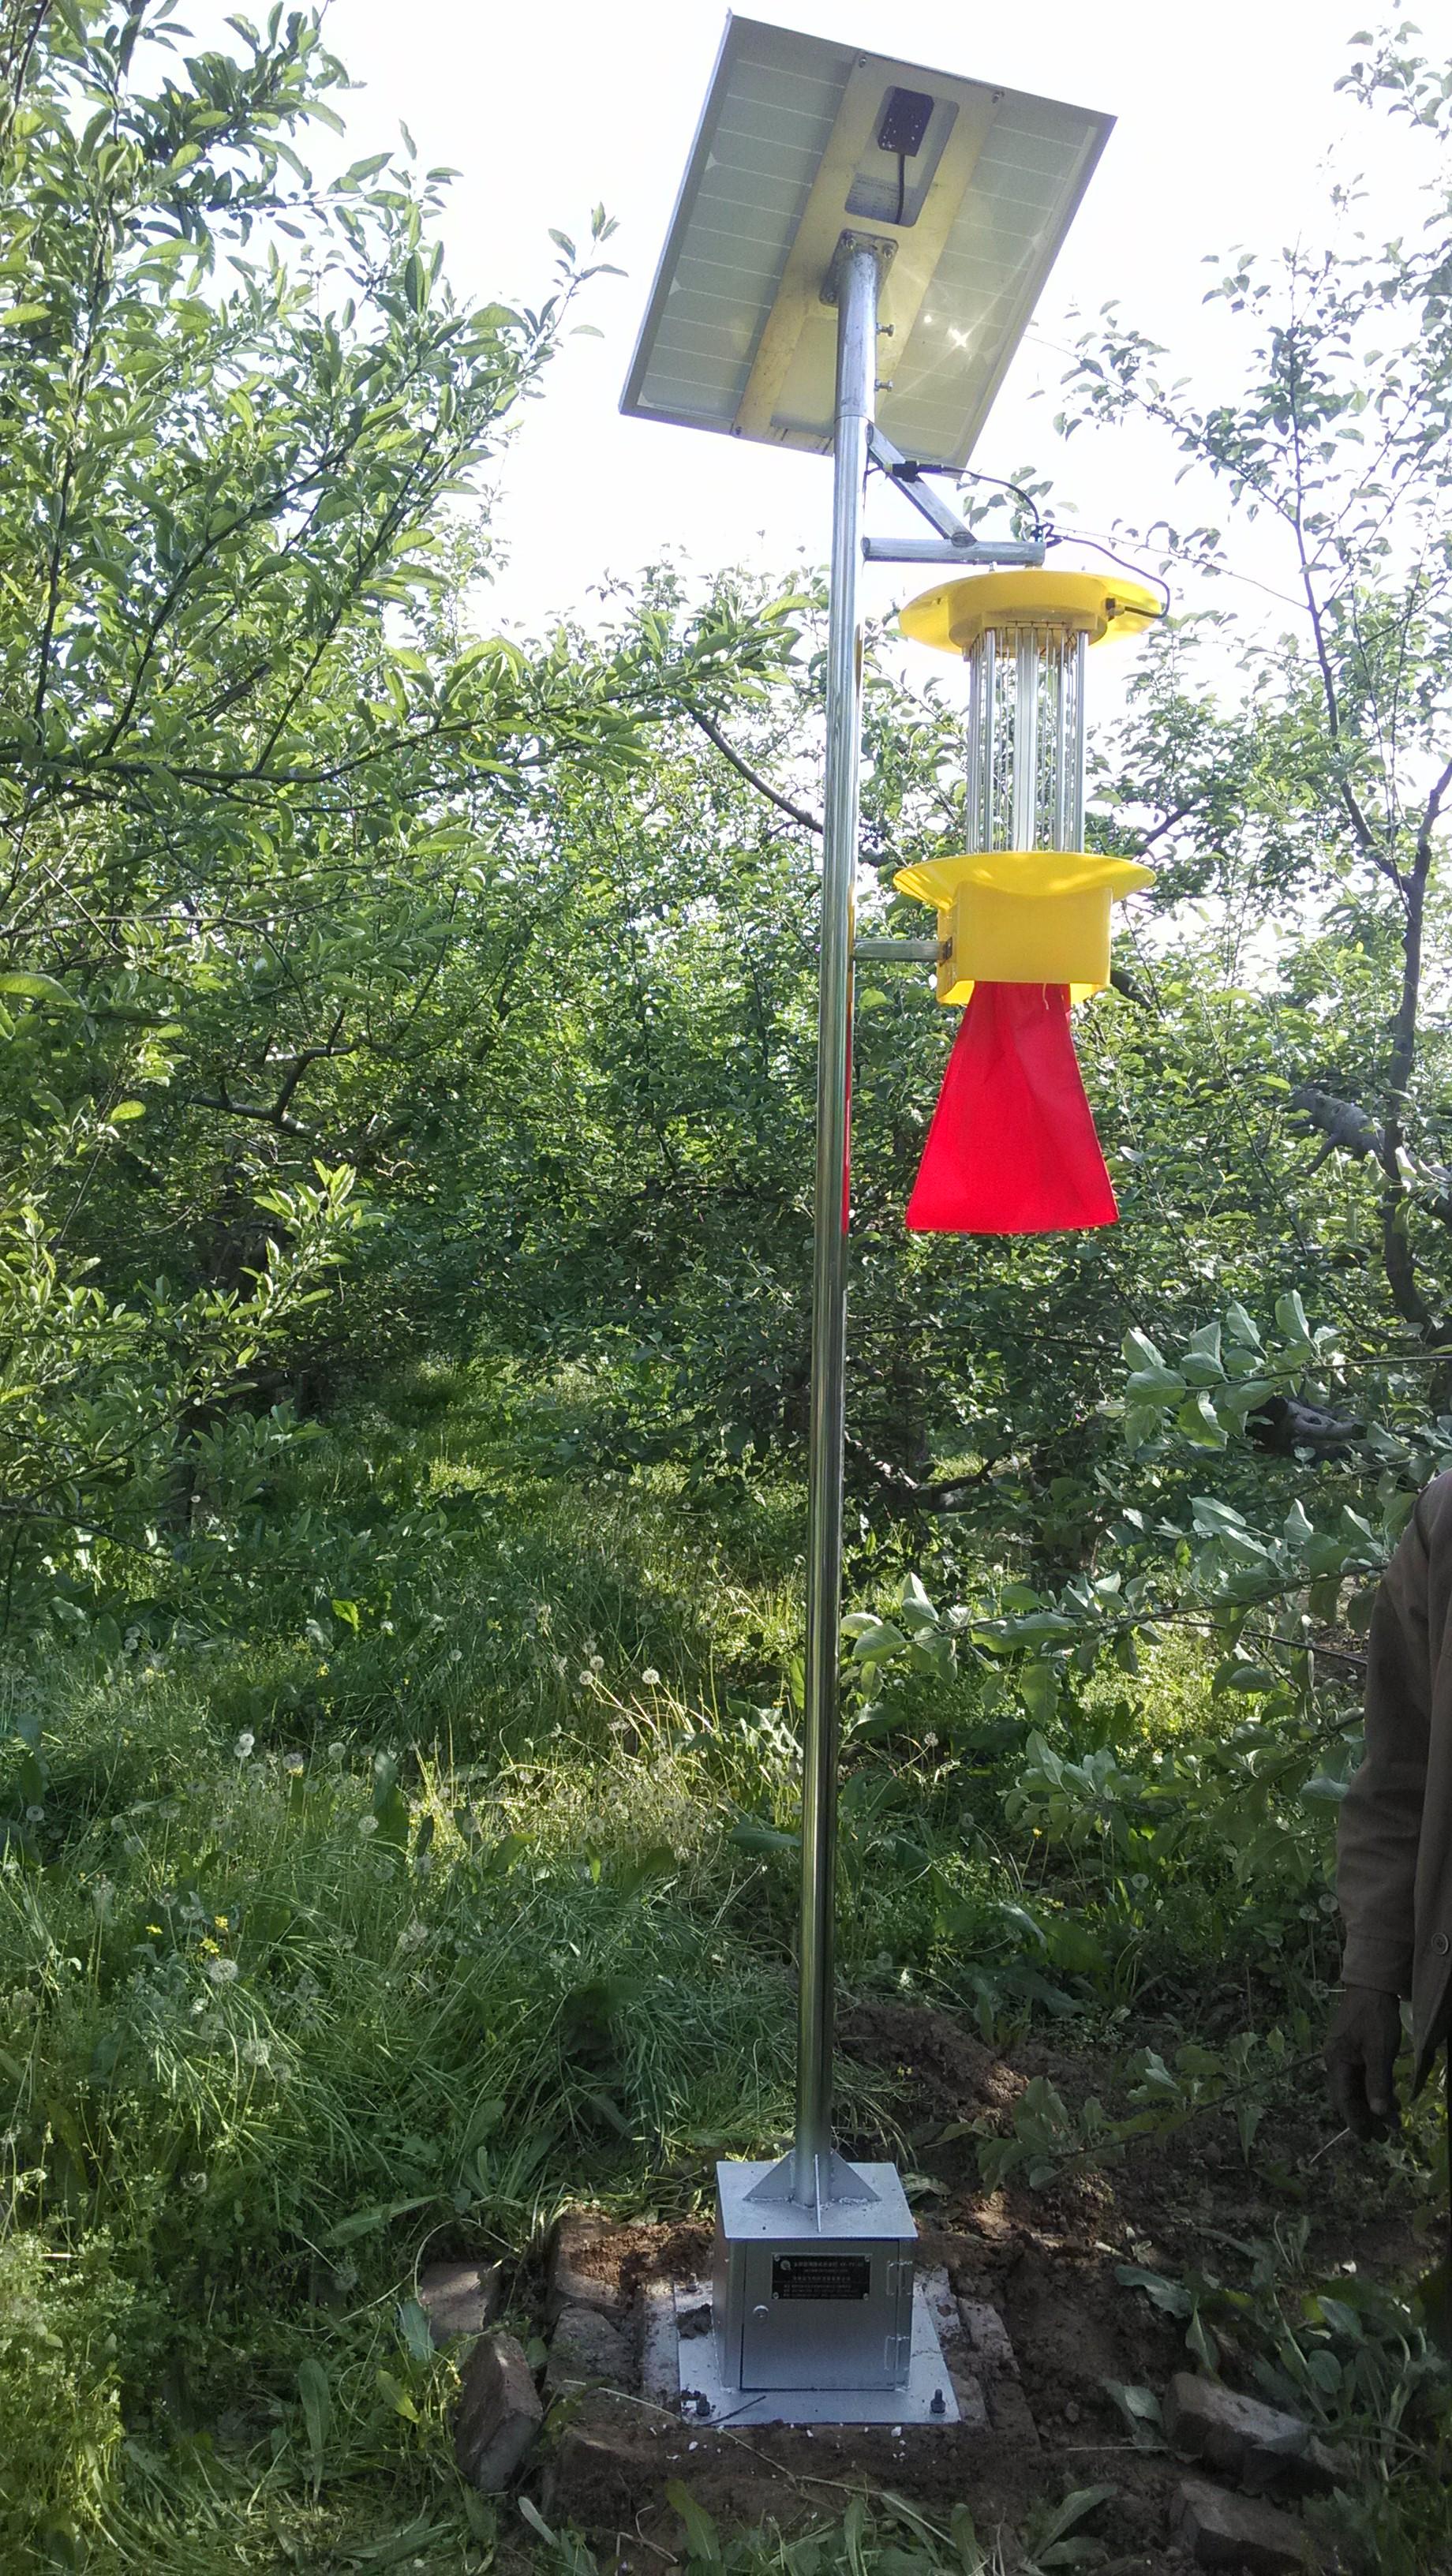 智慧物联网杀虫灯与普通杀虫相比好用吗